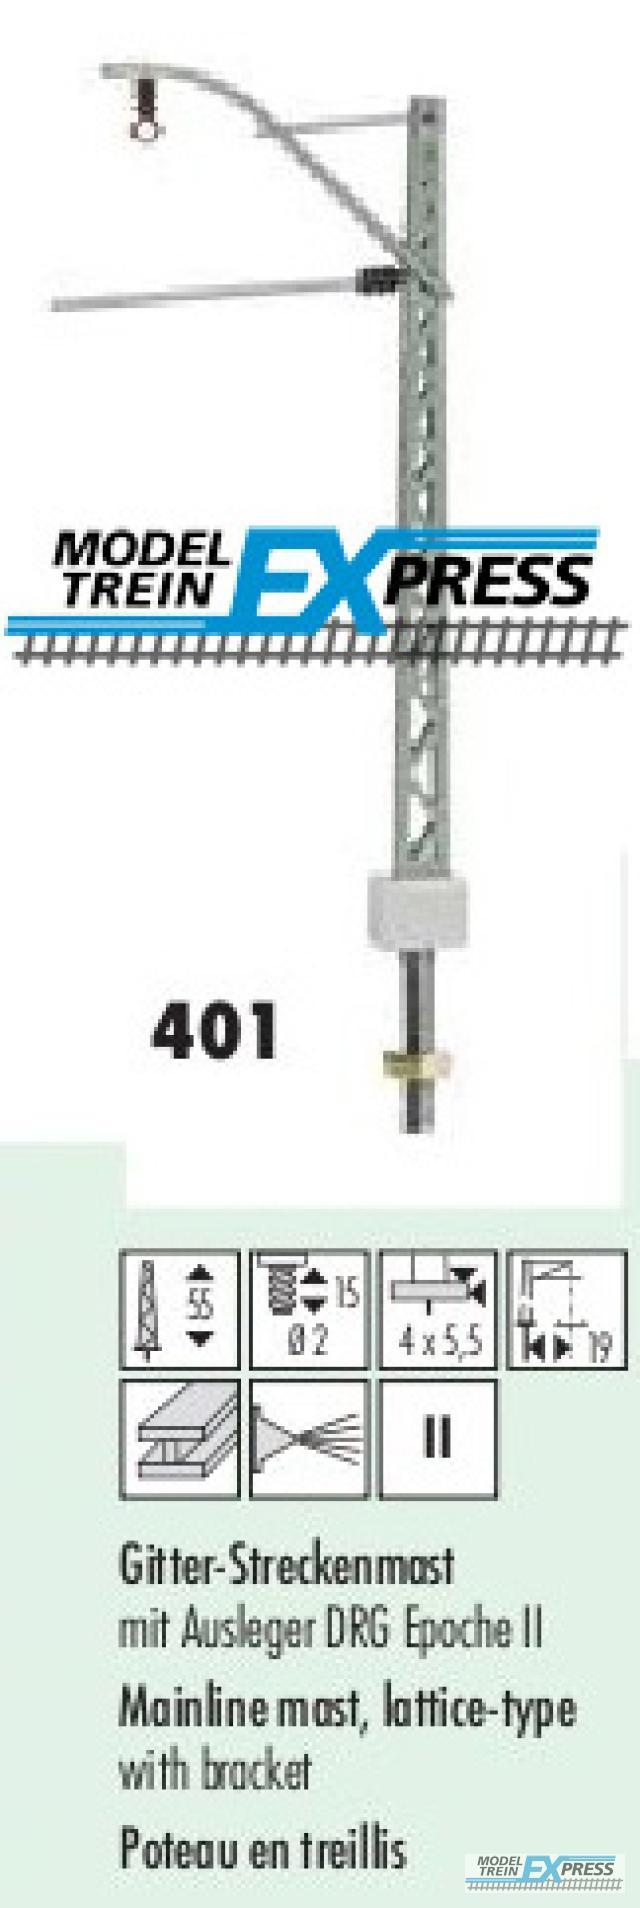 Sommerfeldt 401